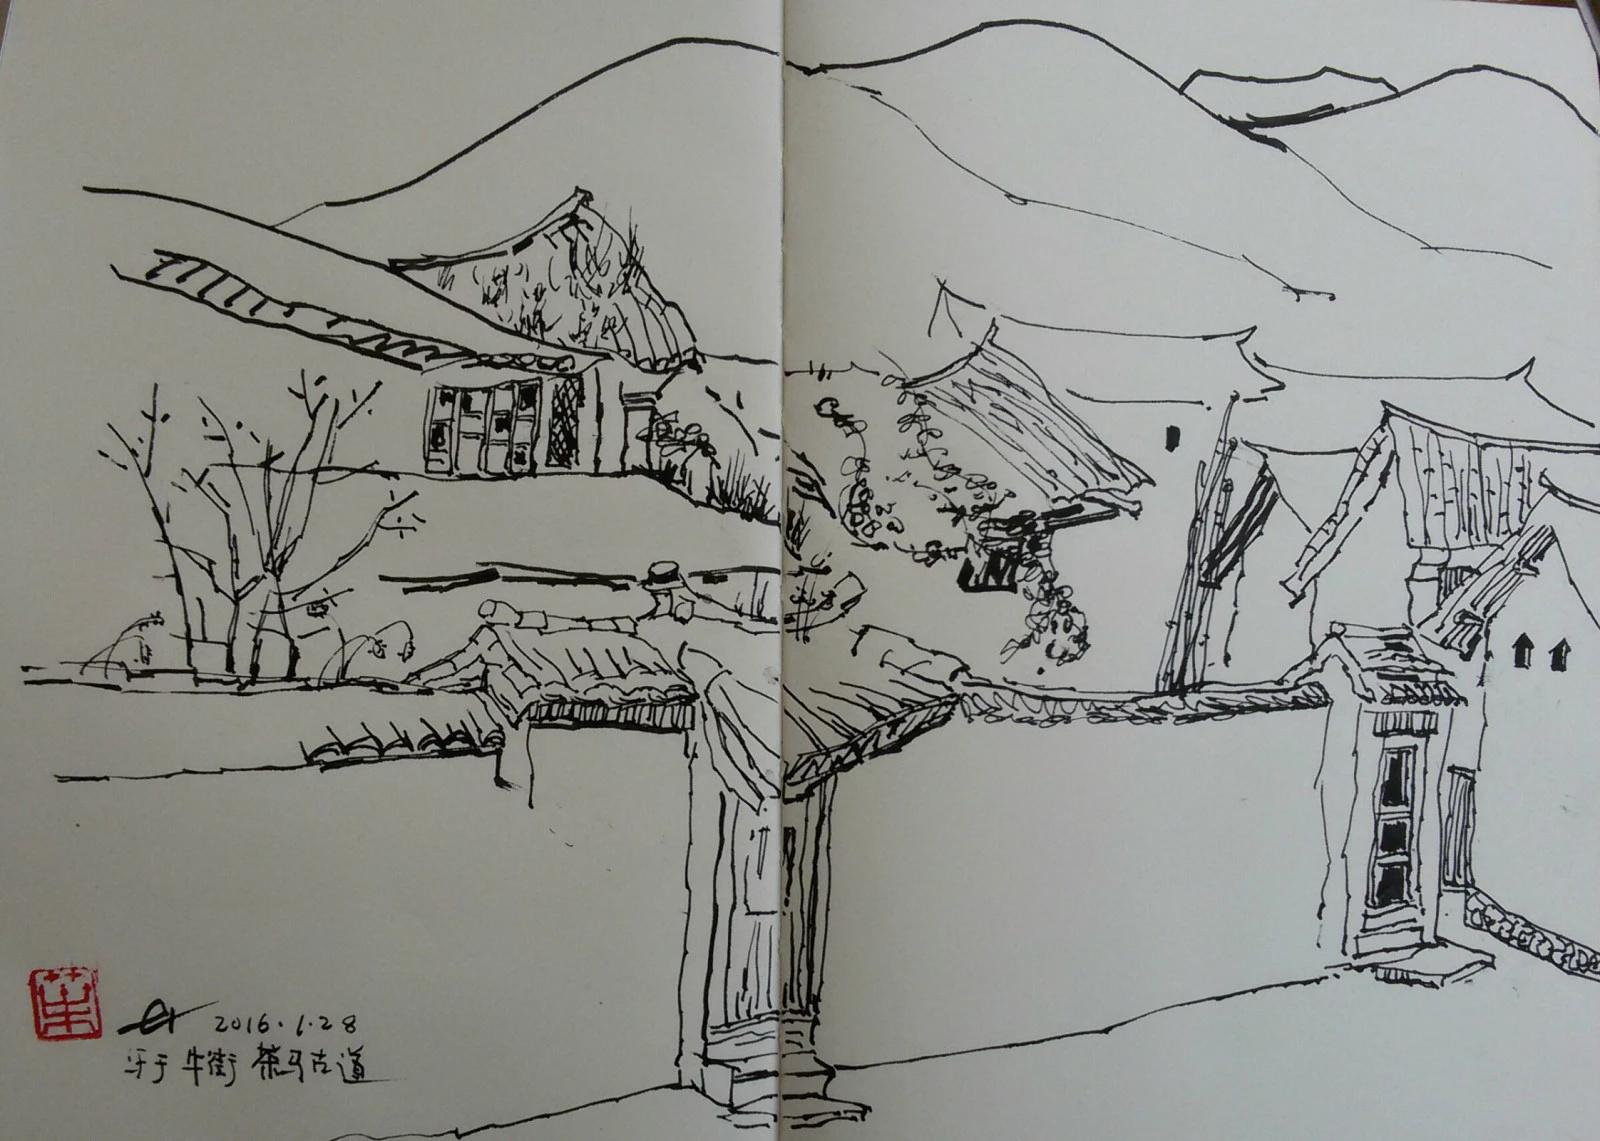 洱源的风景铅笔画